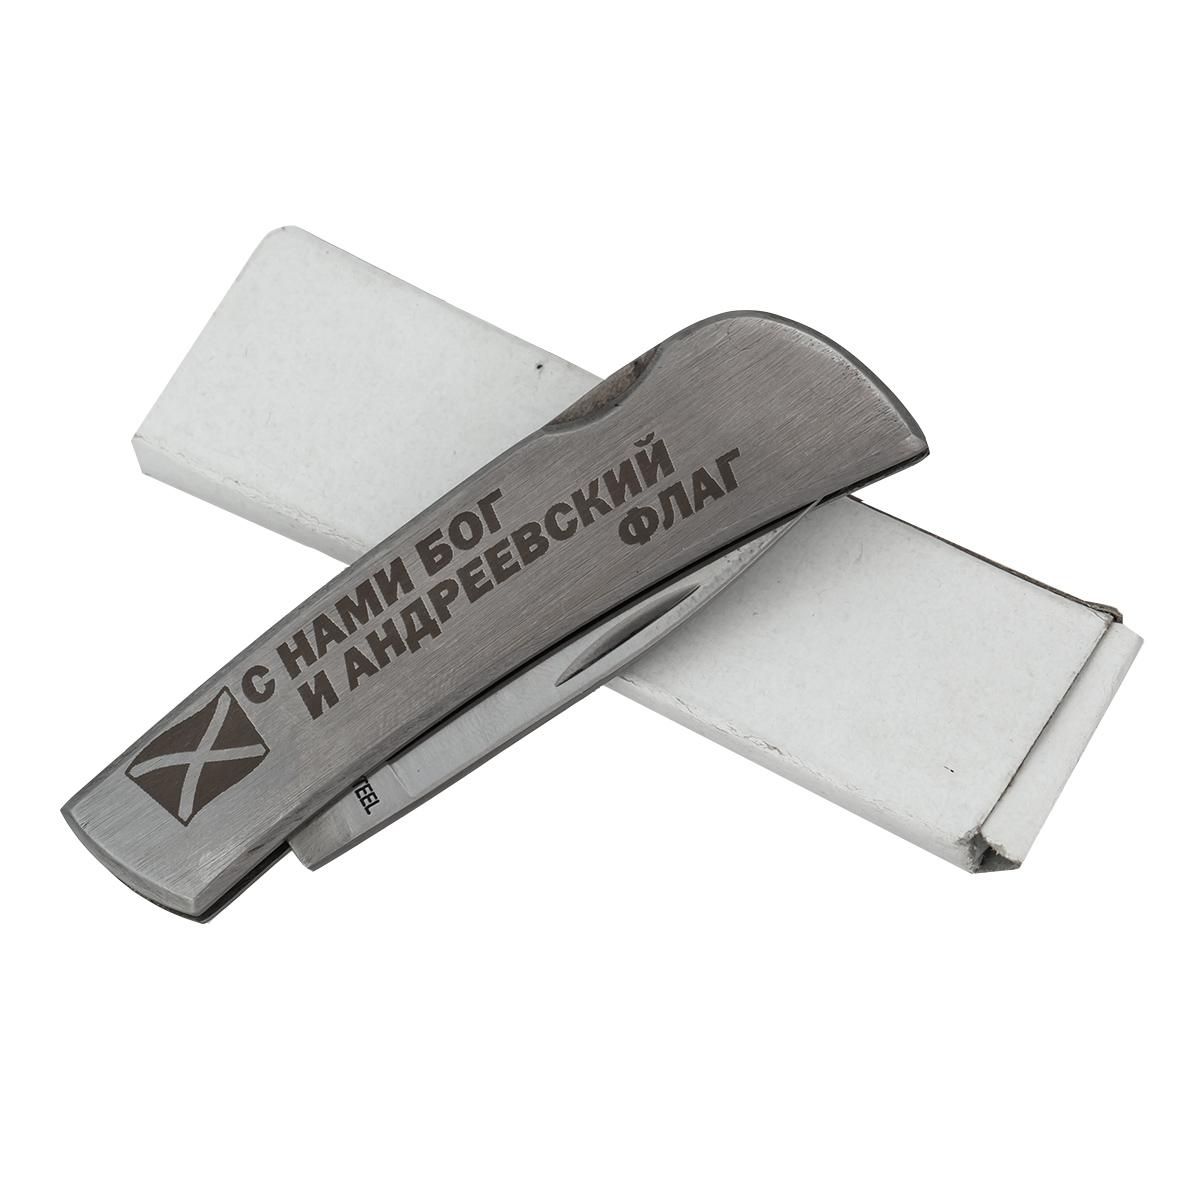 Нож ВМФ складной с гравировкой с доставкой